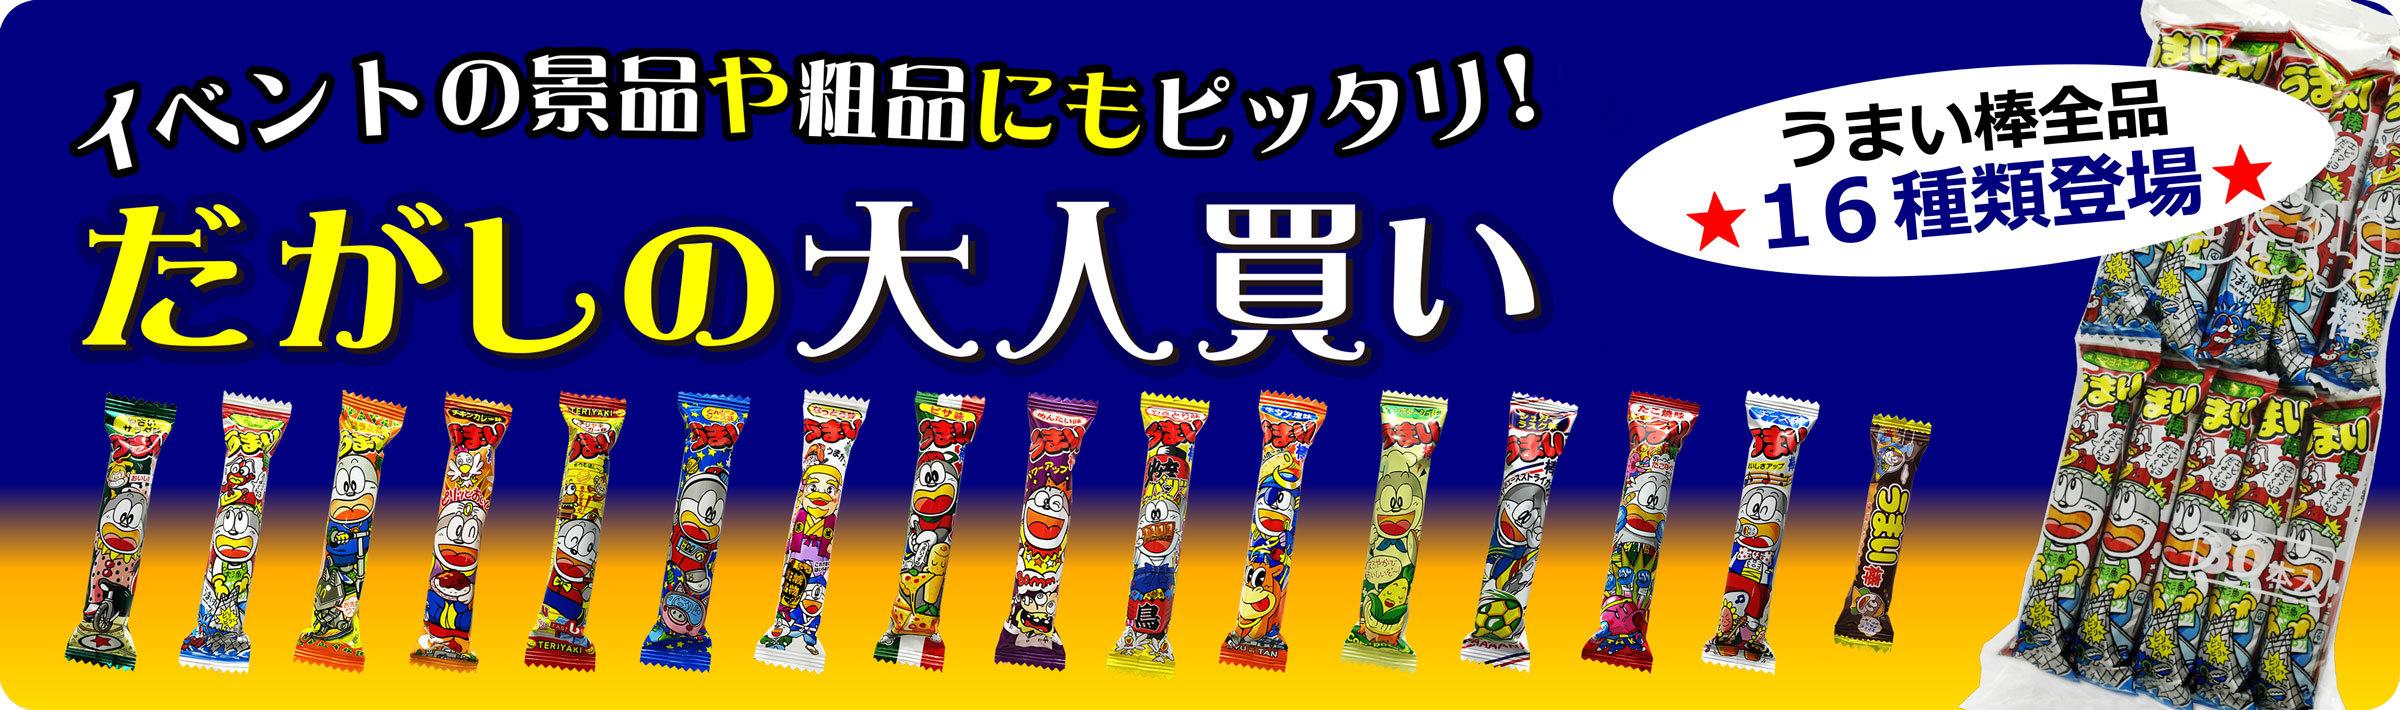 駄菓子の大人買い☆うまい棒全16種類揃いました☆